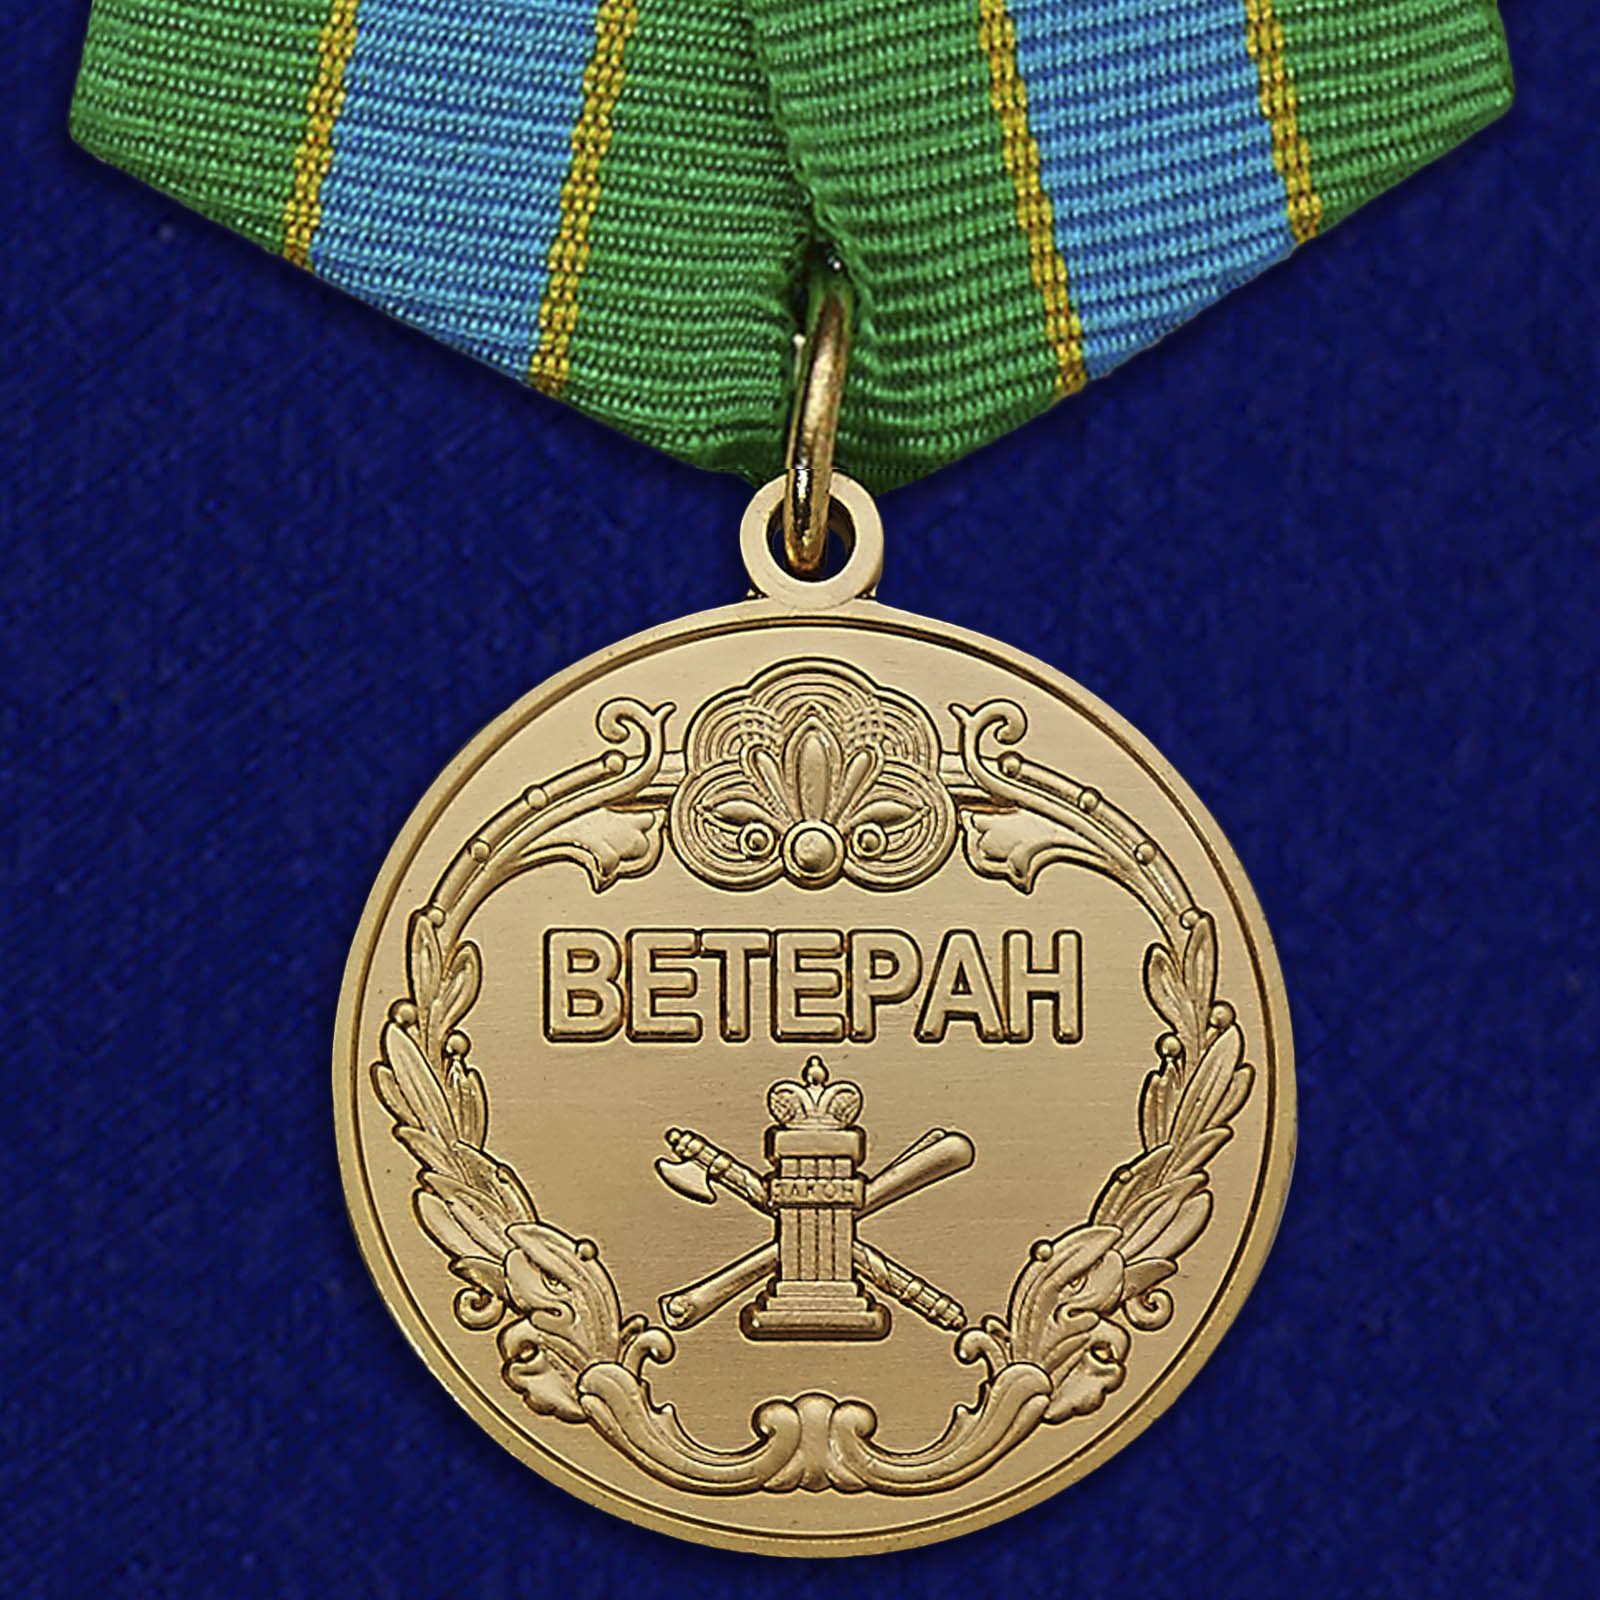 Купить медаль Ветеран ФССП (Федеральной службы судебных приставов) на подставке онлайн